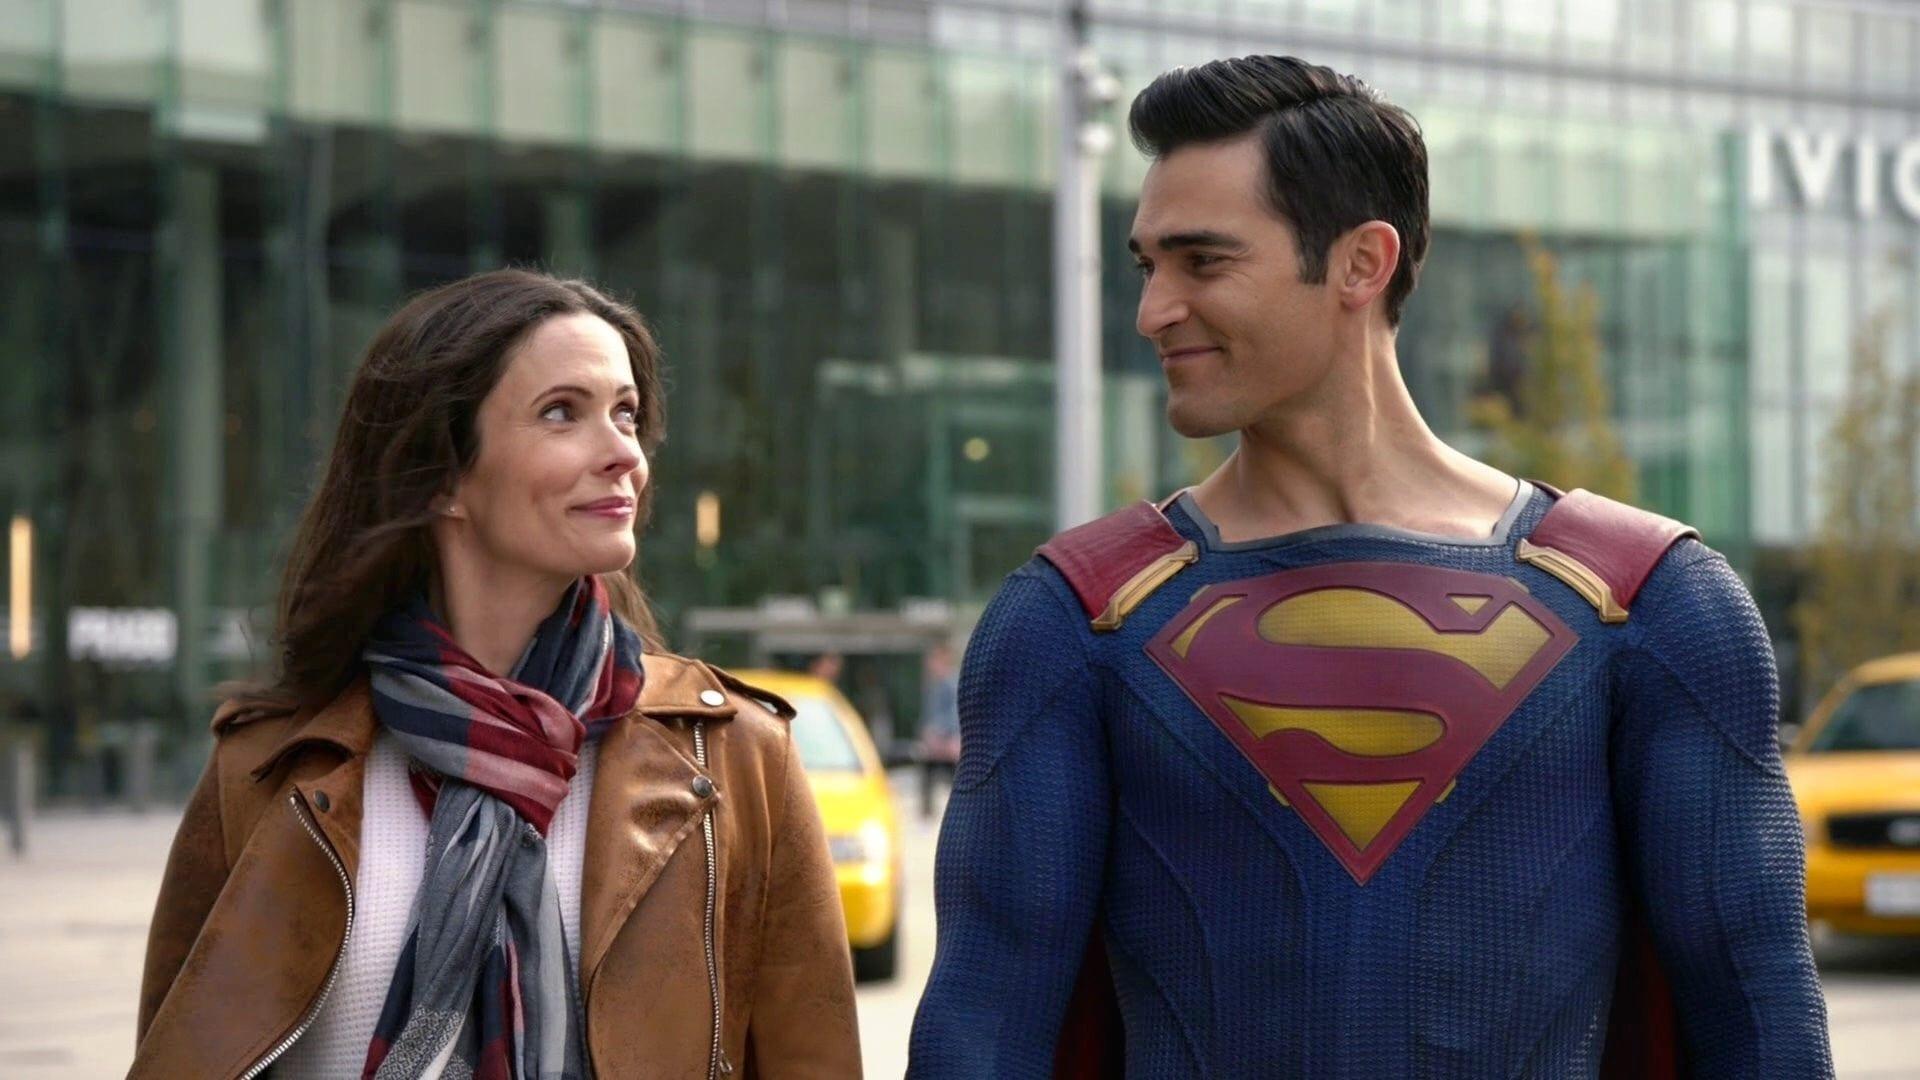 Superman & Lois Episode 12 Ending Teases New DC Comic Villains